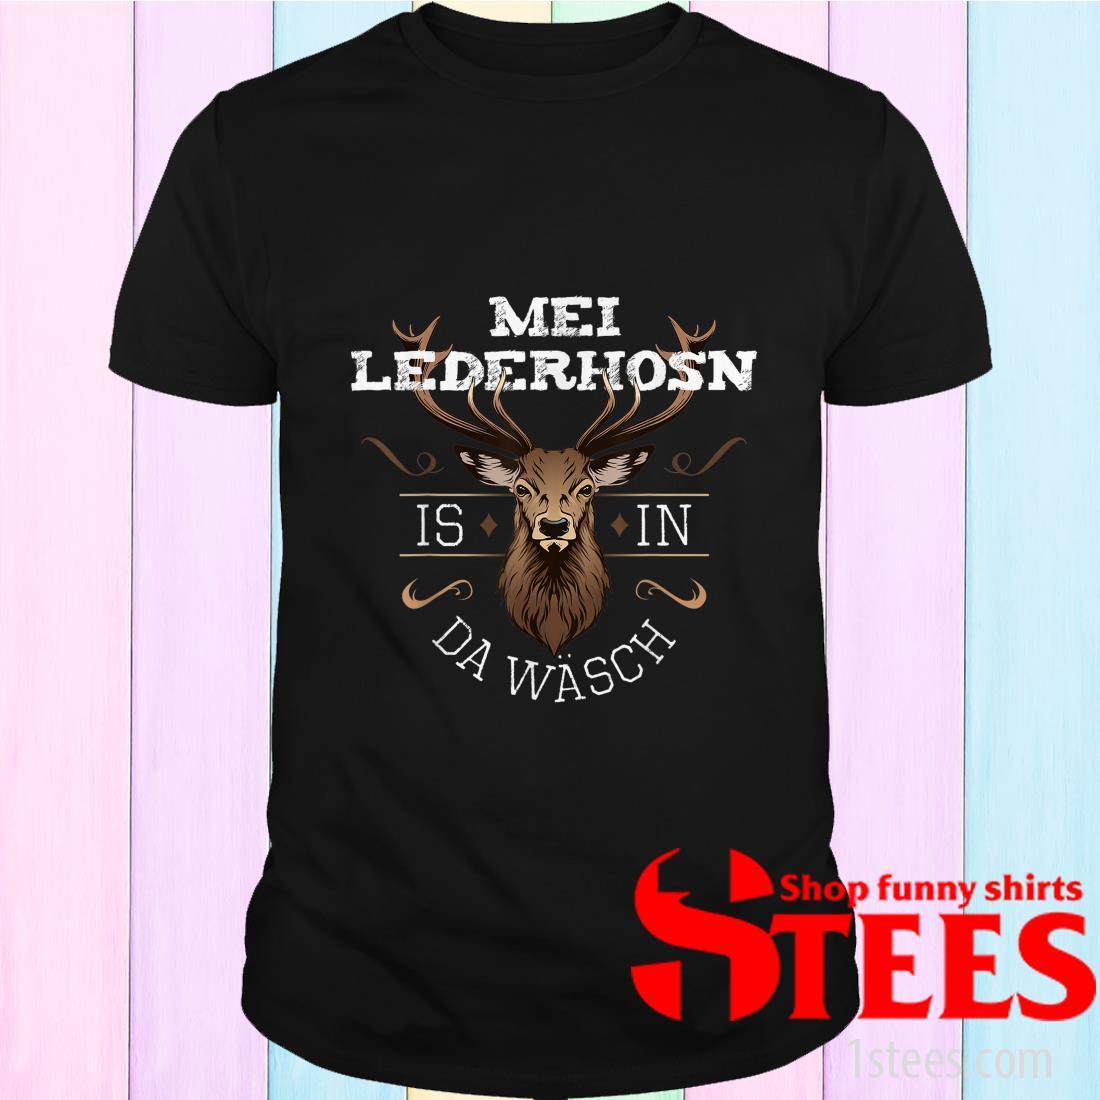 Mei Lederhosen Is In The Wash T-Shirt